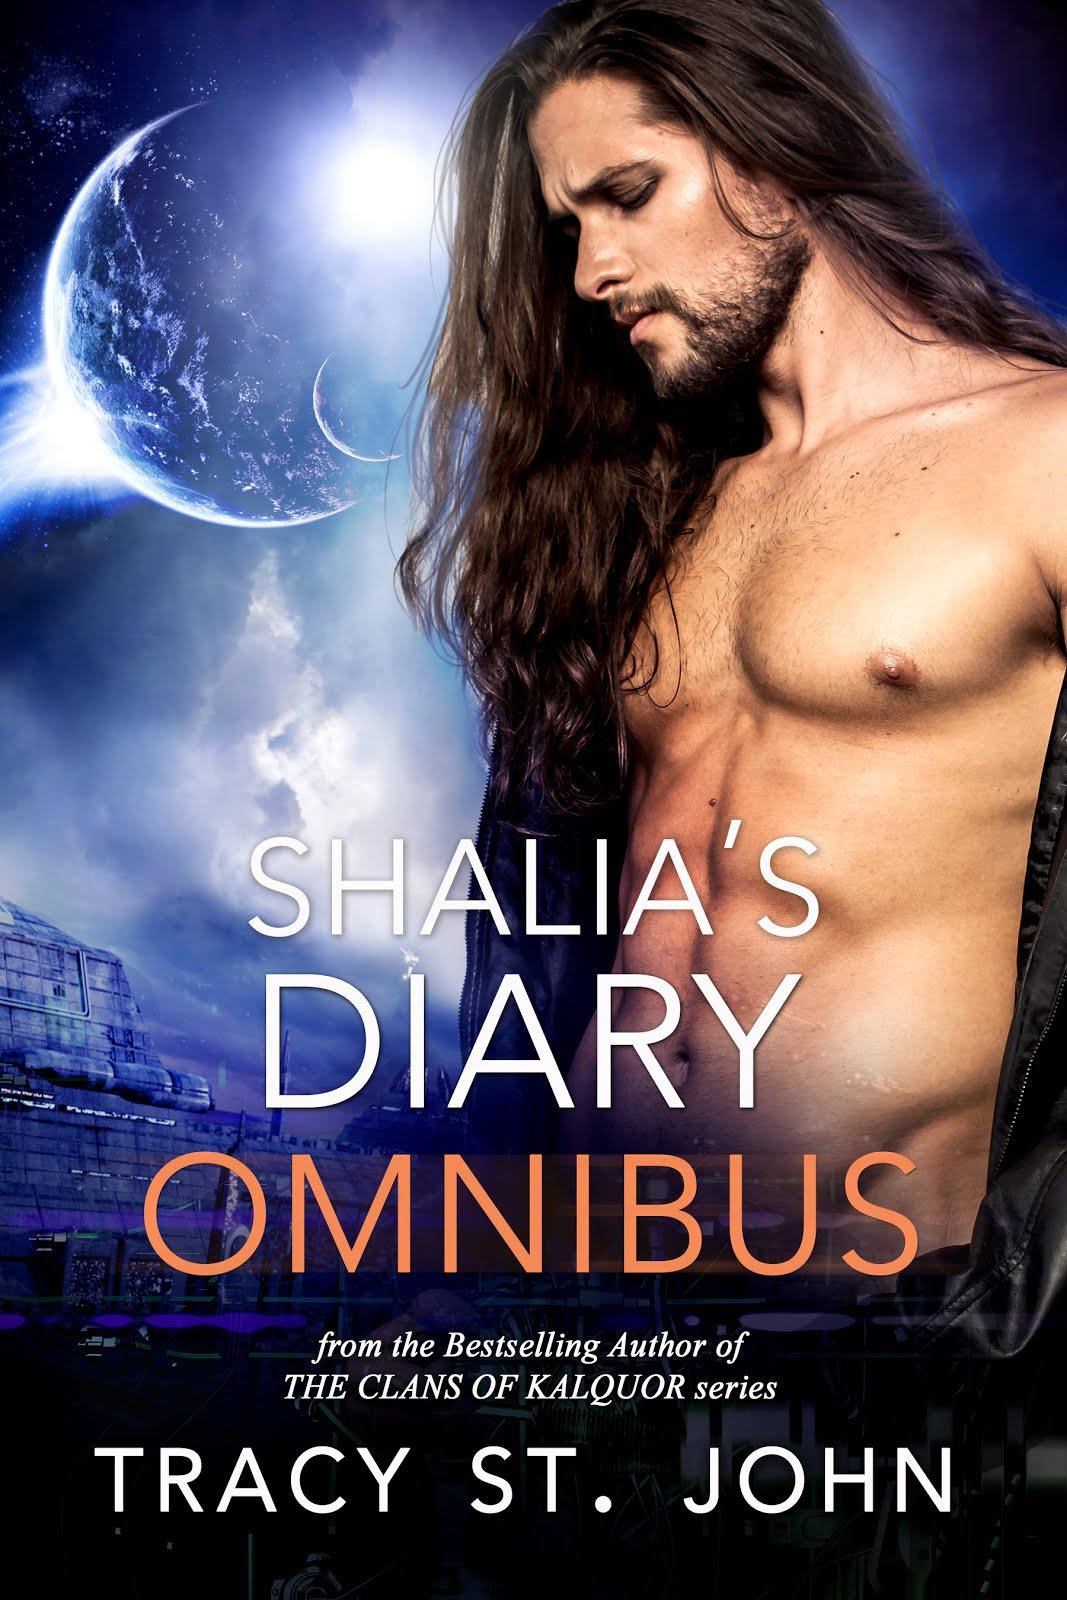 Shalia's Diary Omnibus